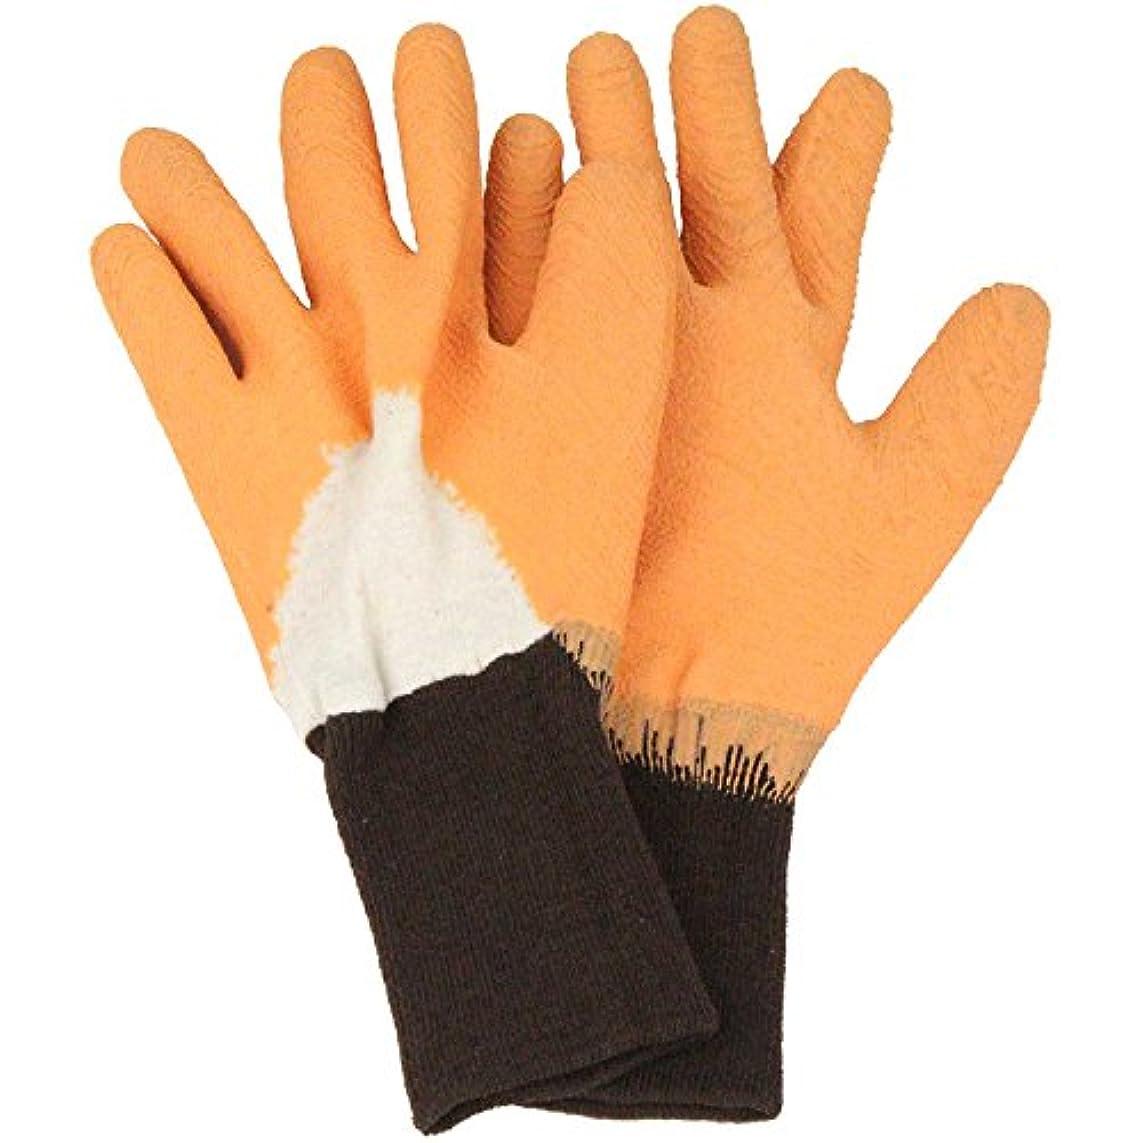 余裕があるうつ多分セフティー3 トゲがささりにくい手袋 オレンジ M